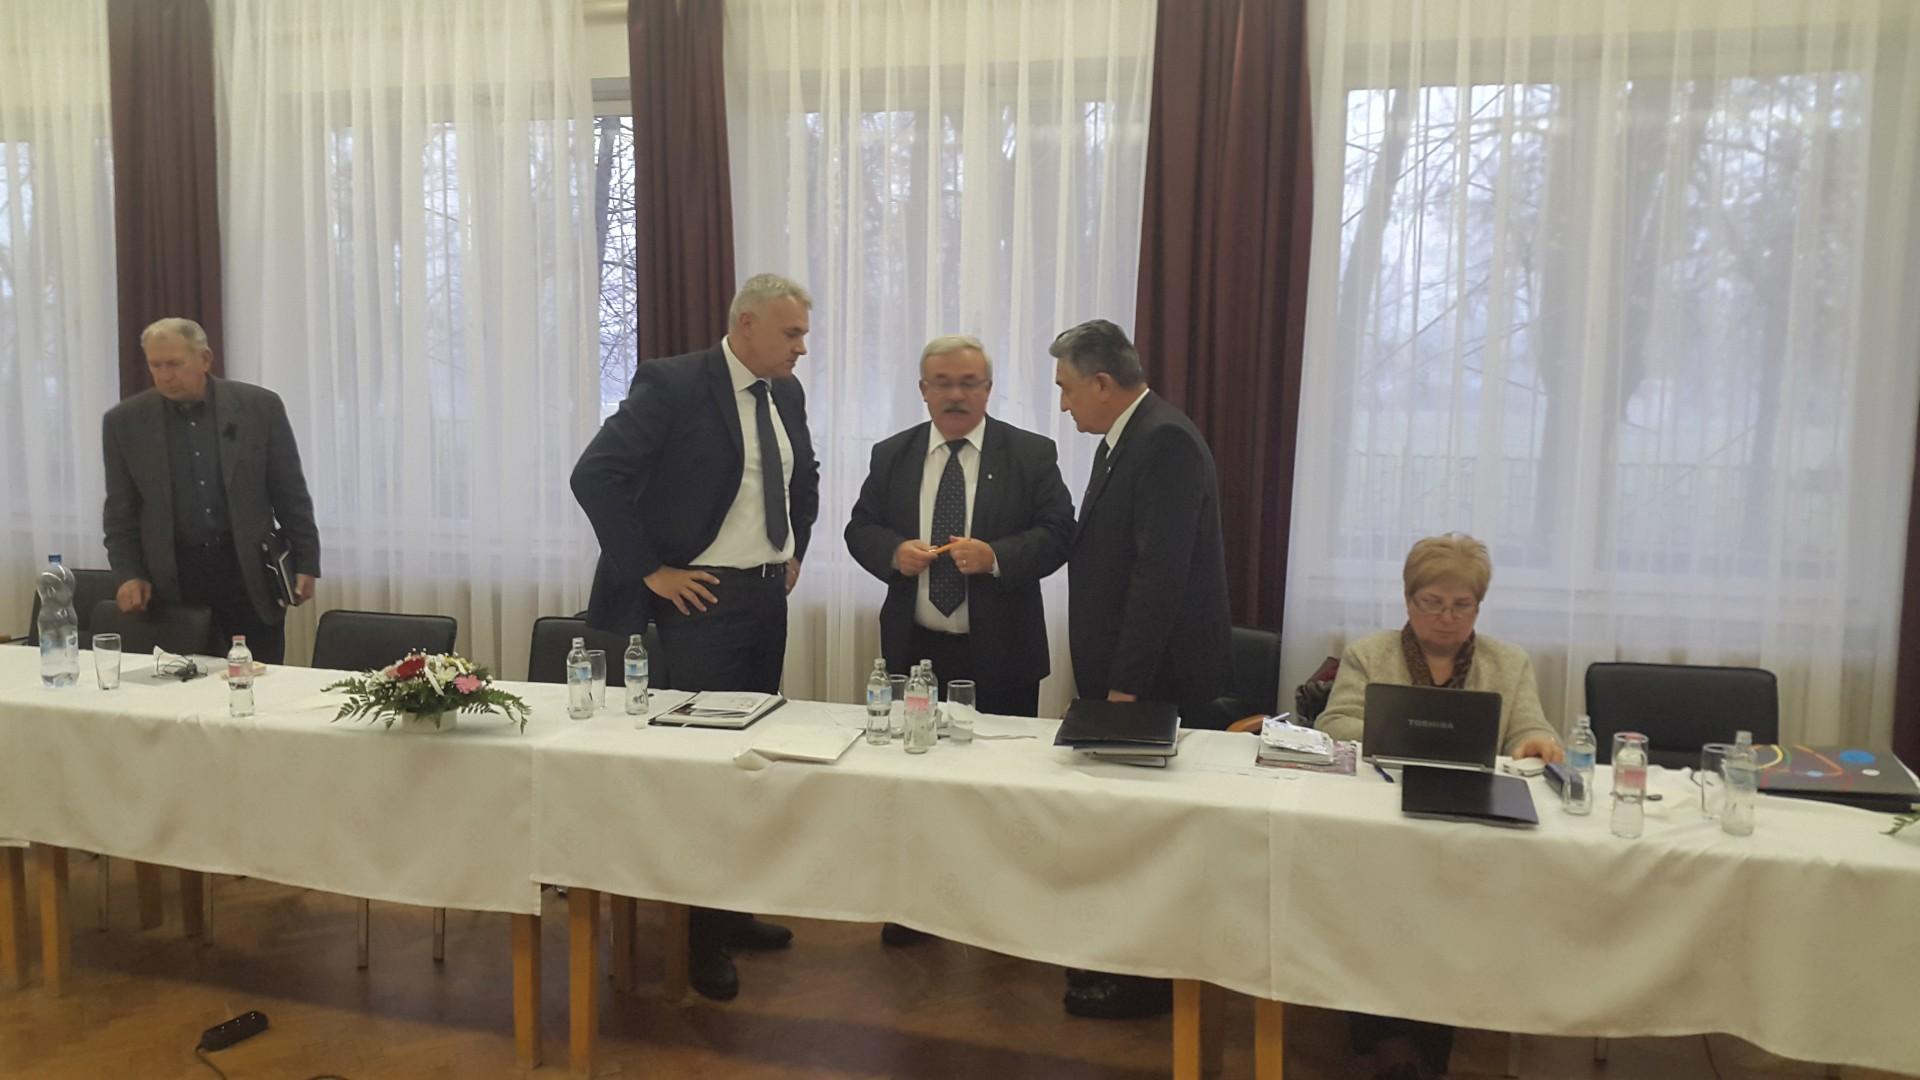 Több mint 34 ezer eurót gyűjtöttek a Kárpátaljai reformátusoknak az erdélyiek